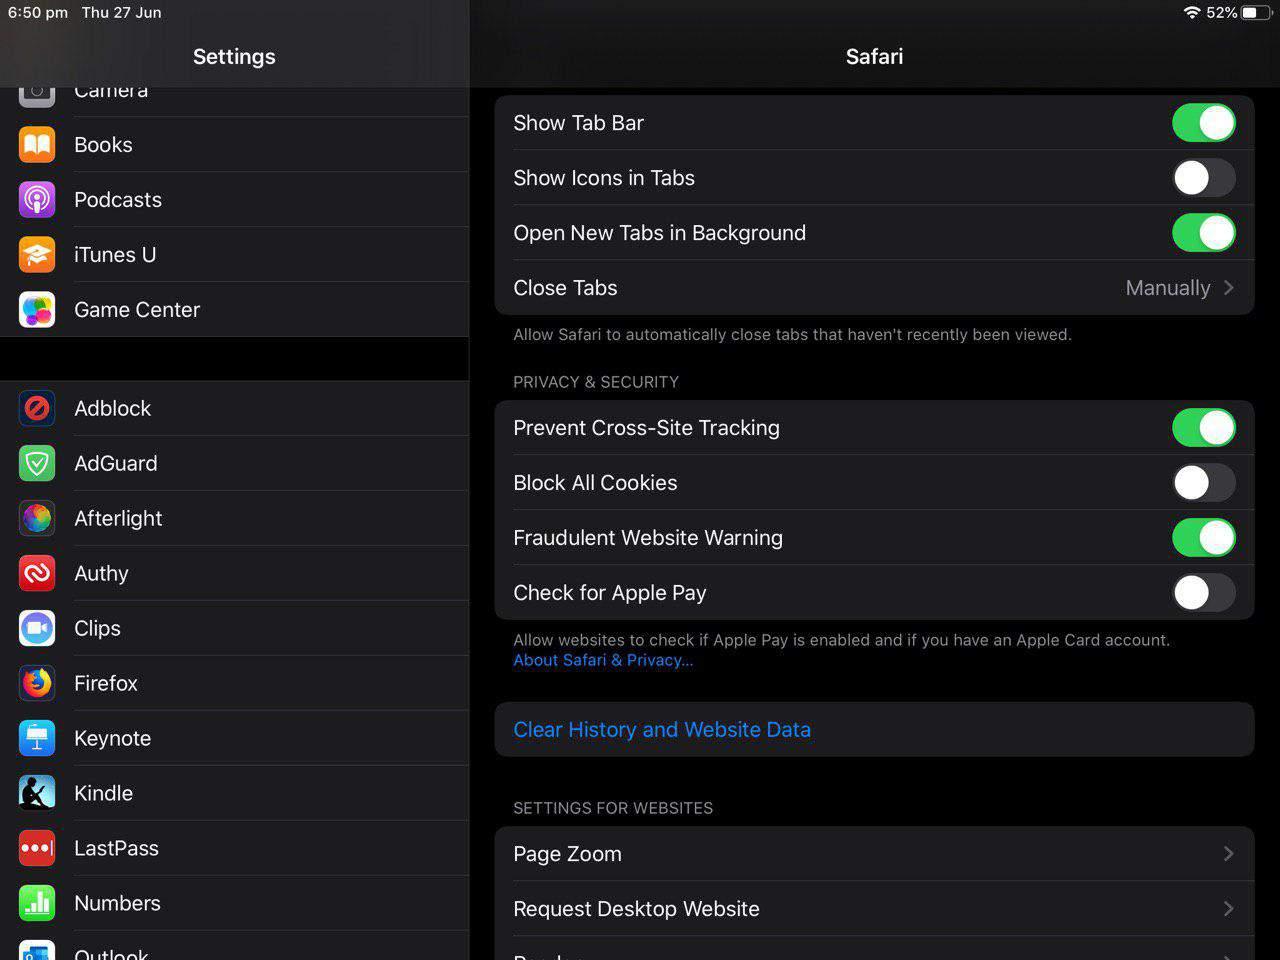 How to configure Safari in iOS